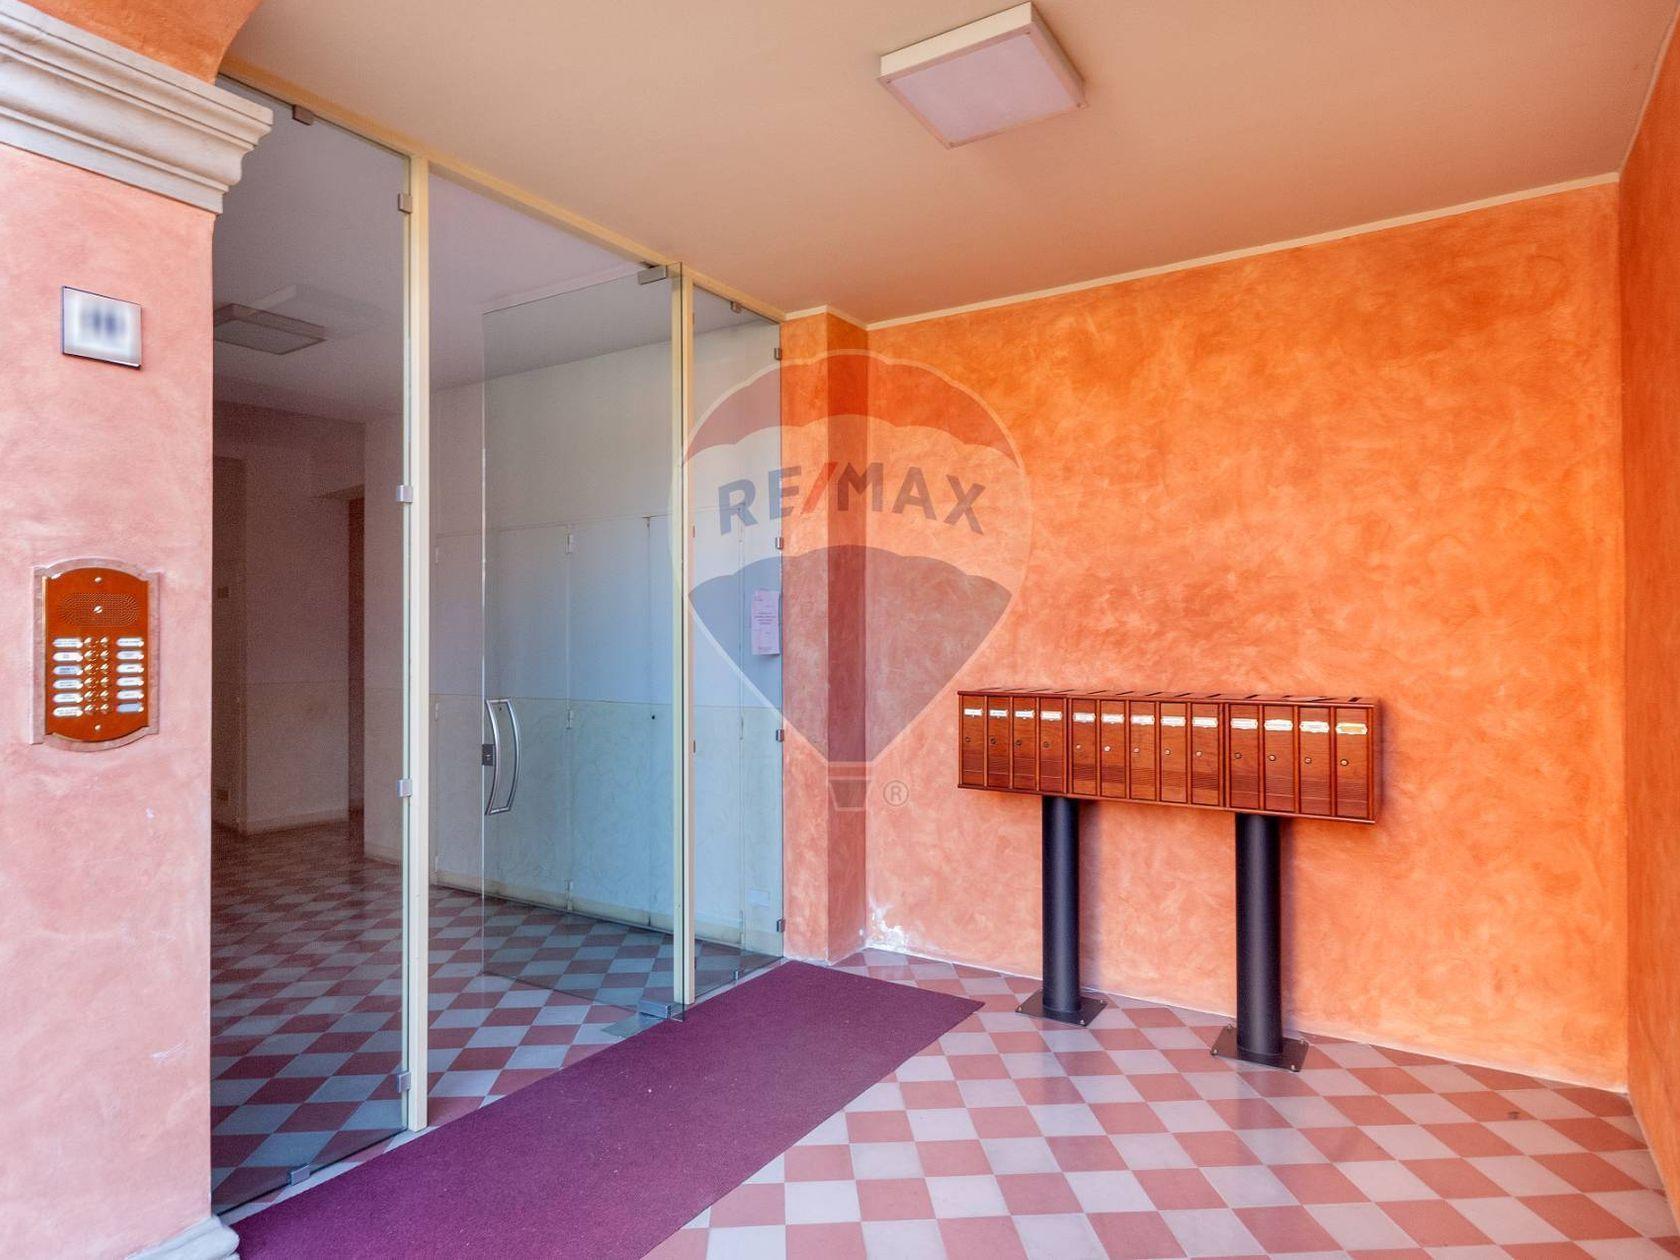 Appartamento Zona Centro Storico, San Giovanni in Persiceto, BO Vendita - Foto 3